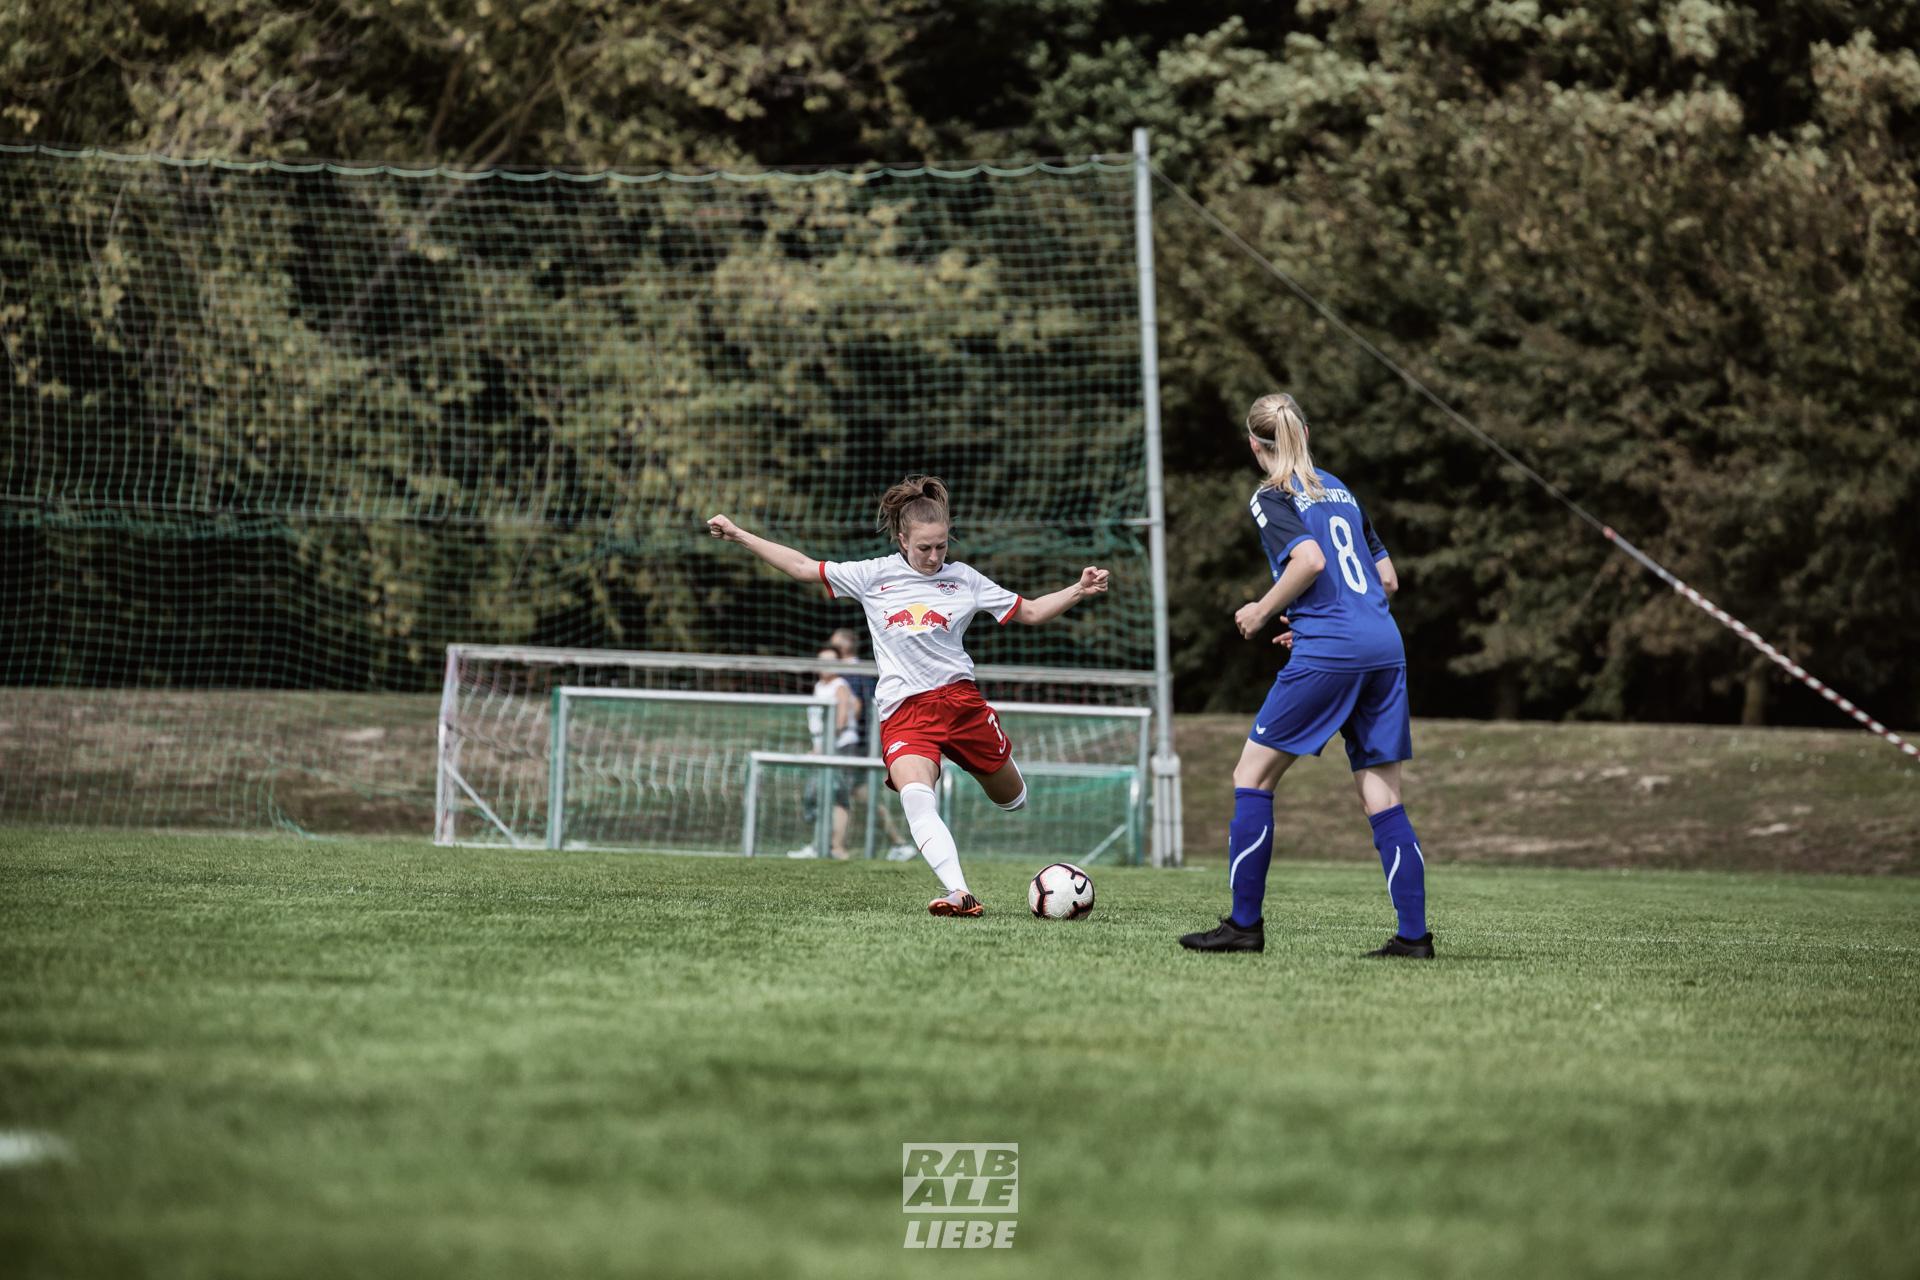 Regionalliga Nordost Frauen: RB Leipzig -vs- Bischofswerdaer FV